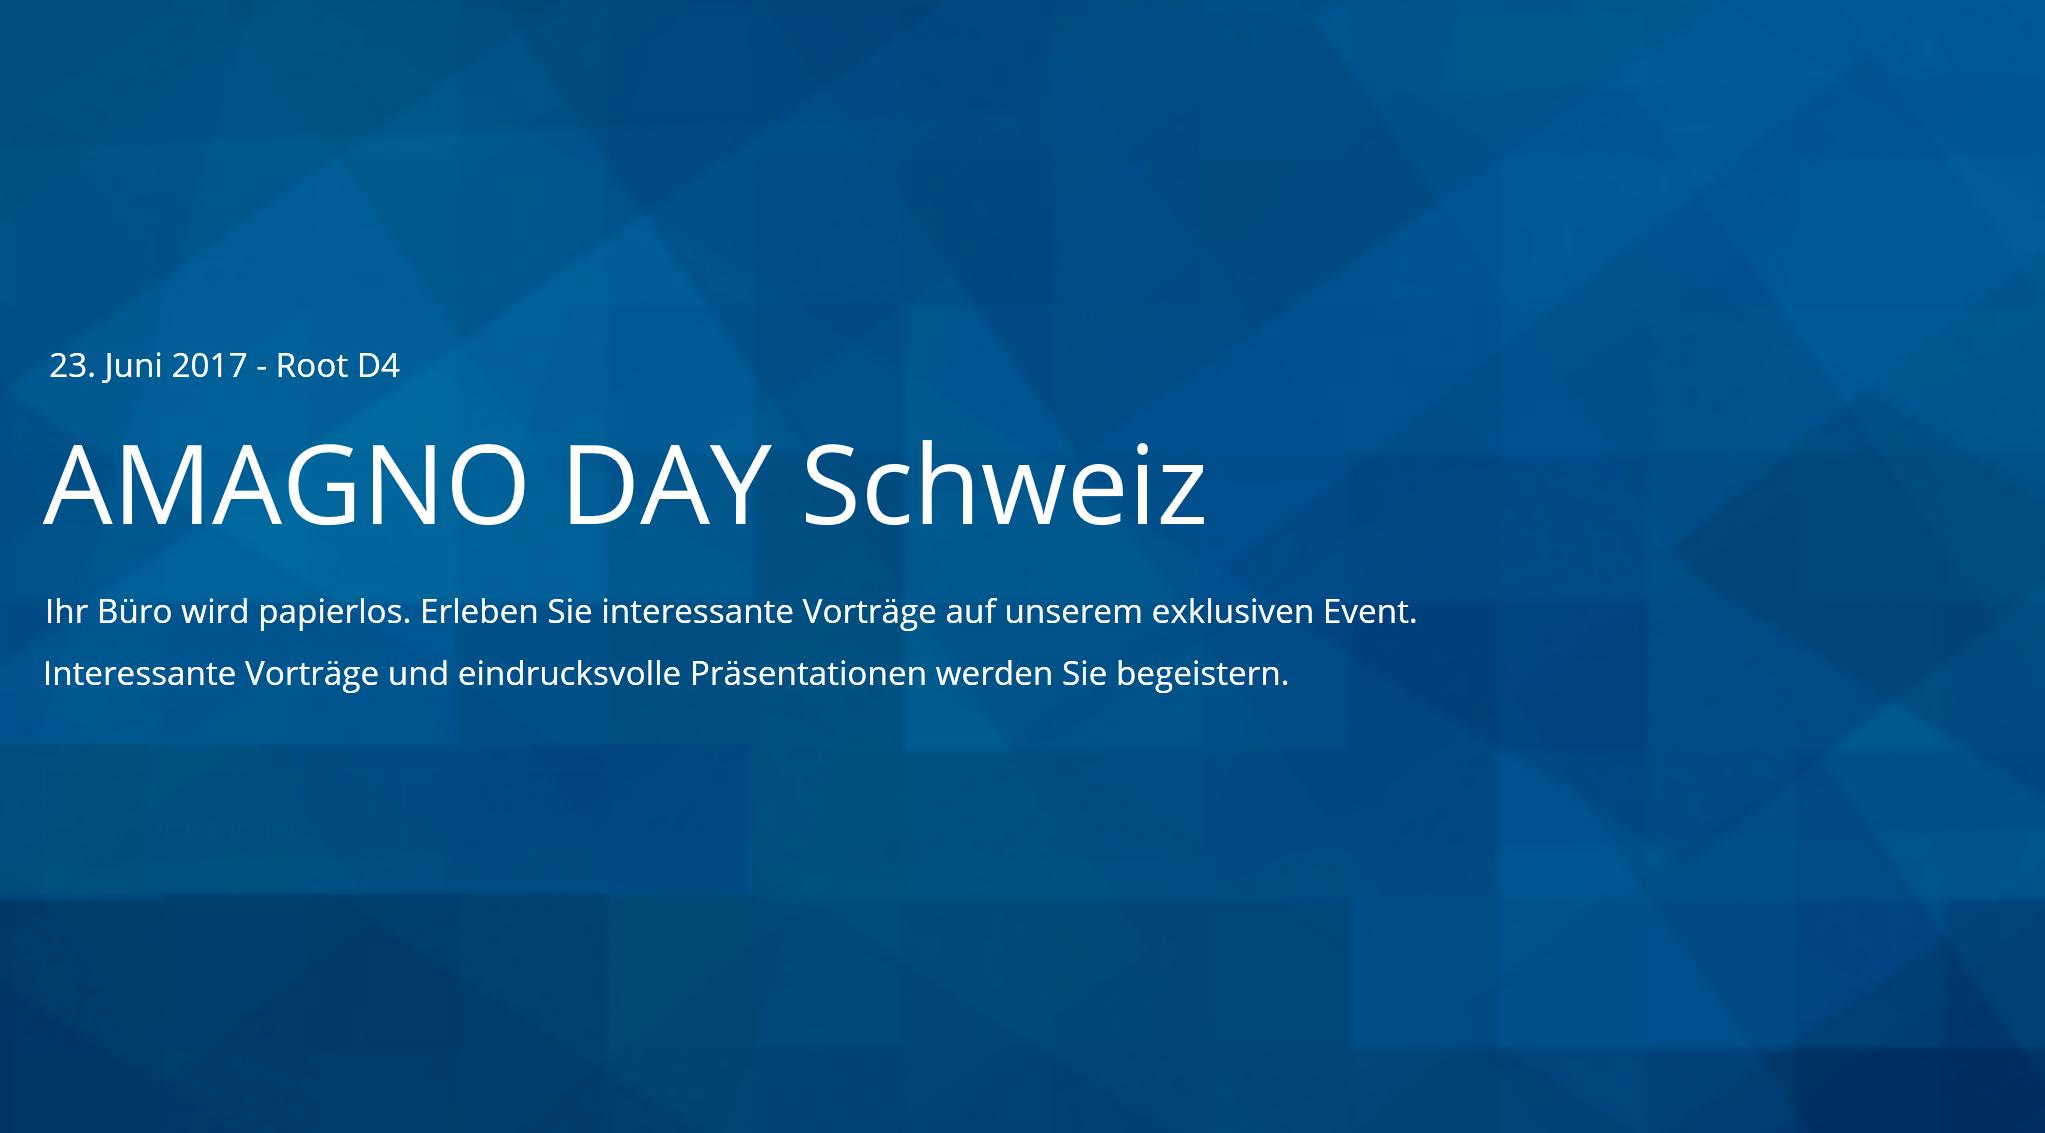 Event: AMAGNO DAY Schweiz am 23.06.17